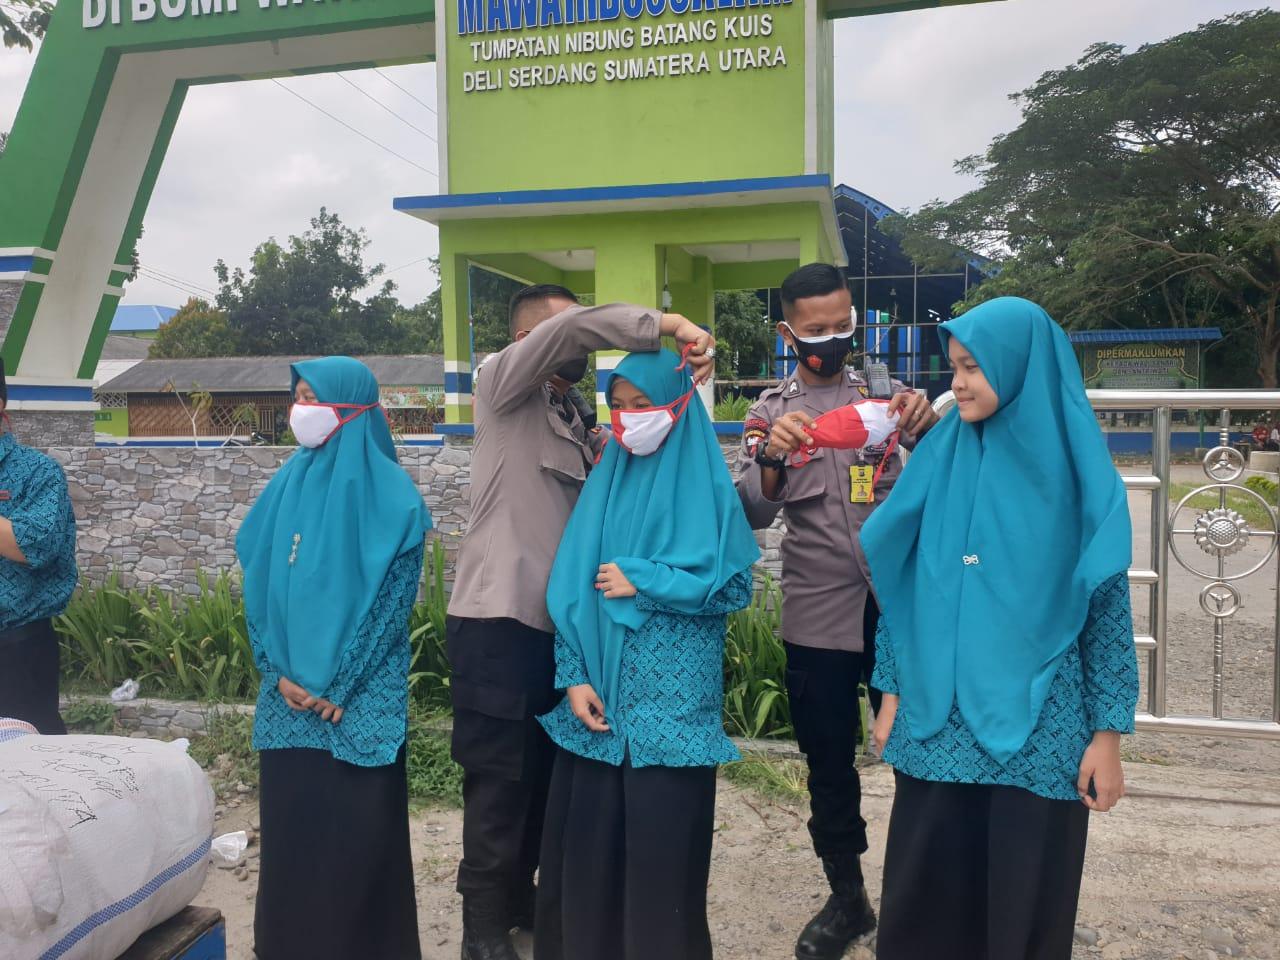 Cegah covid -19, Polda Sumut bagikan 2000 Masker gratis untuk santri Pesantren Mawaridussalam